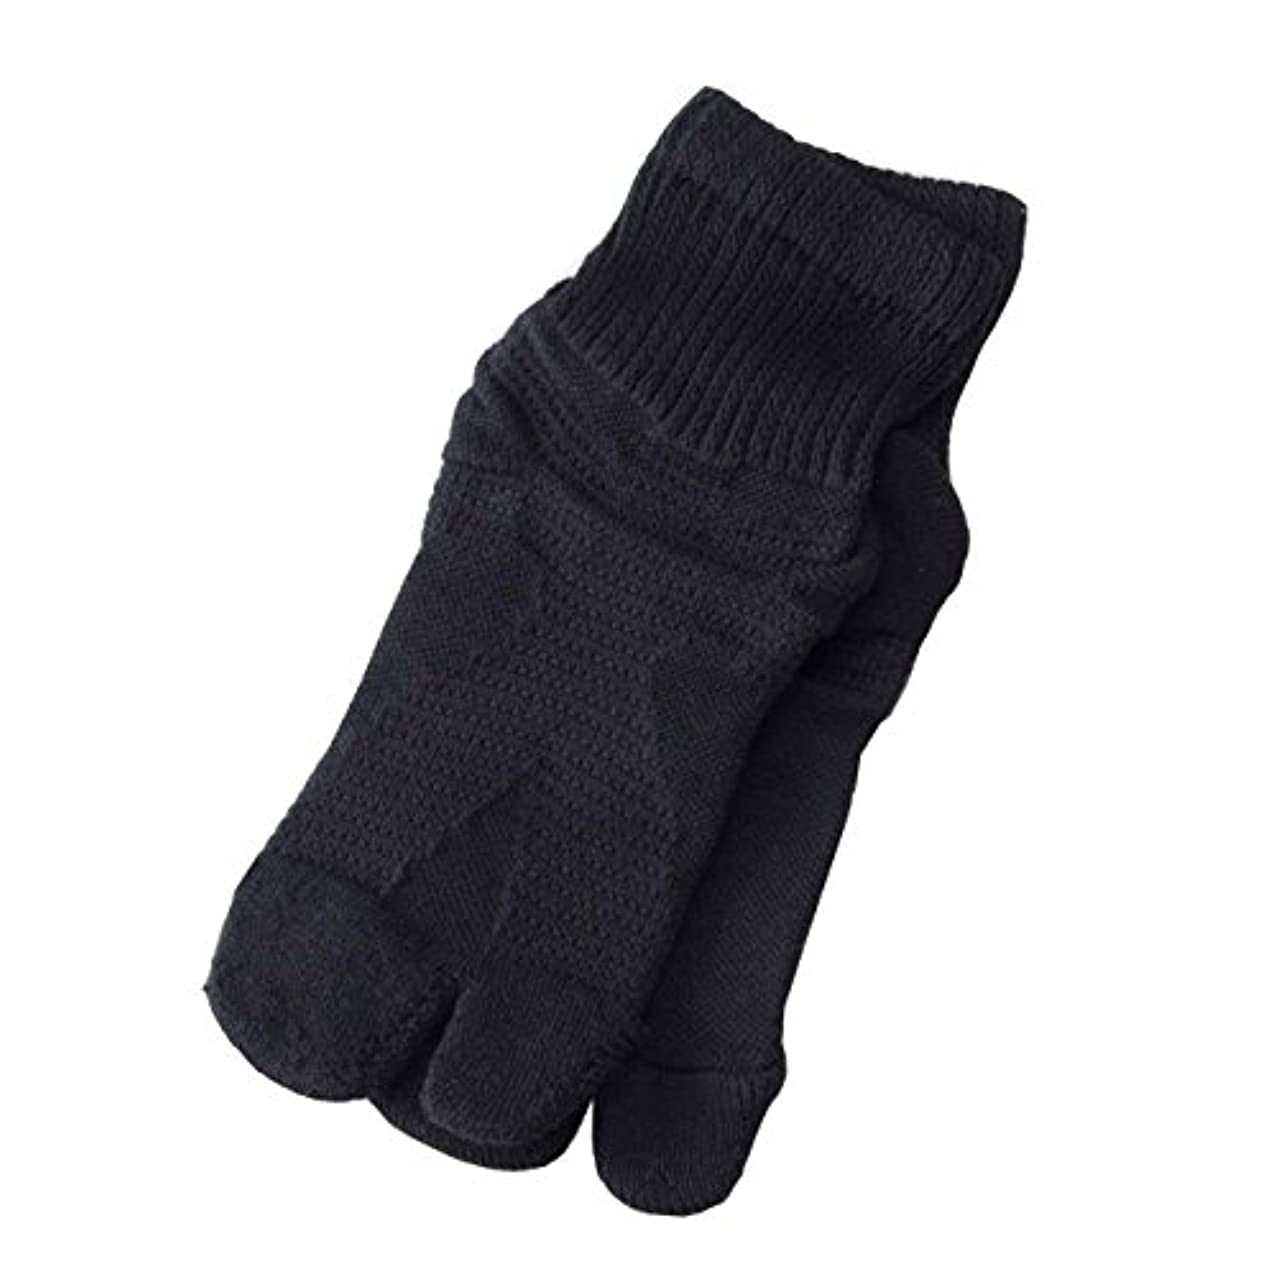 懇願する最適膨らませる【日本製】歩行サポート足袋ソックス (ブラック, 23~25cm)